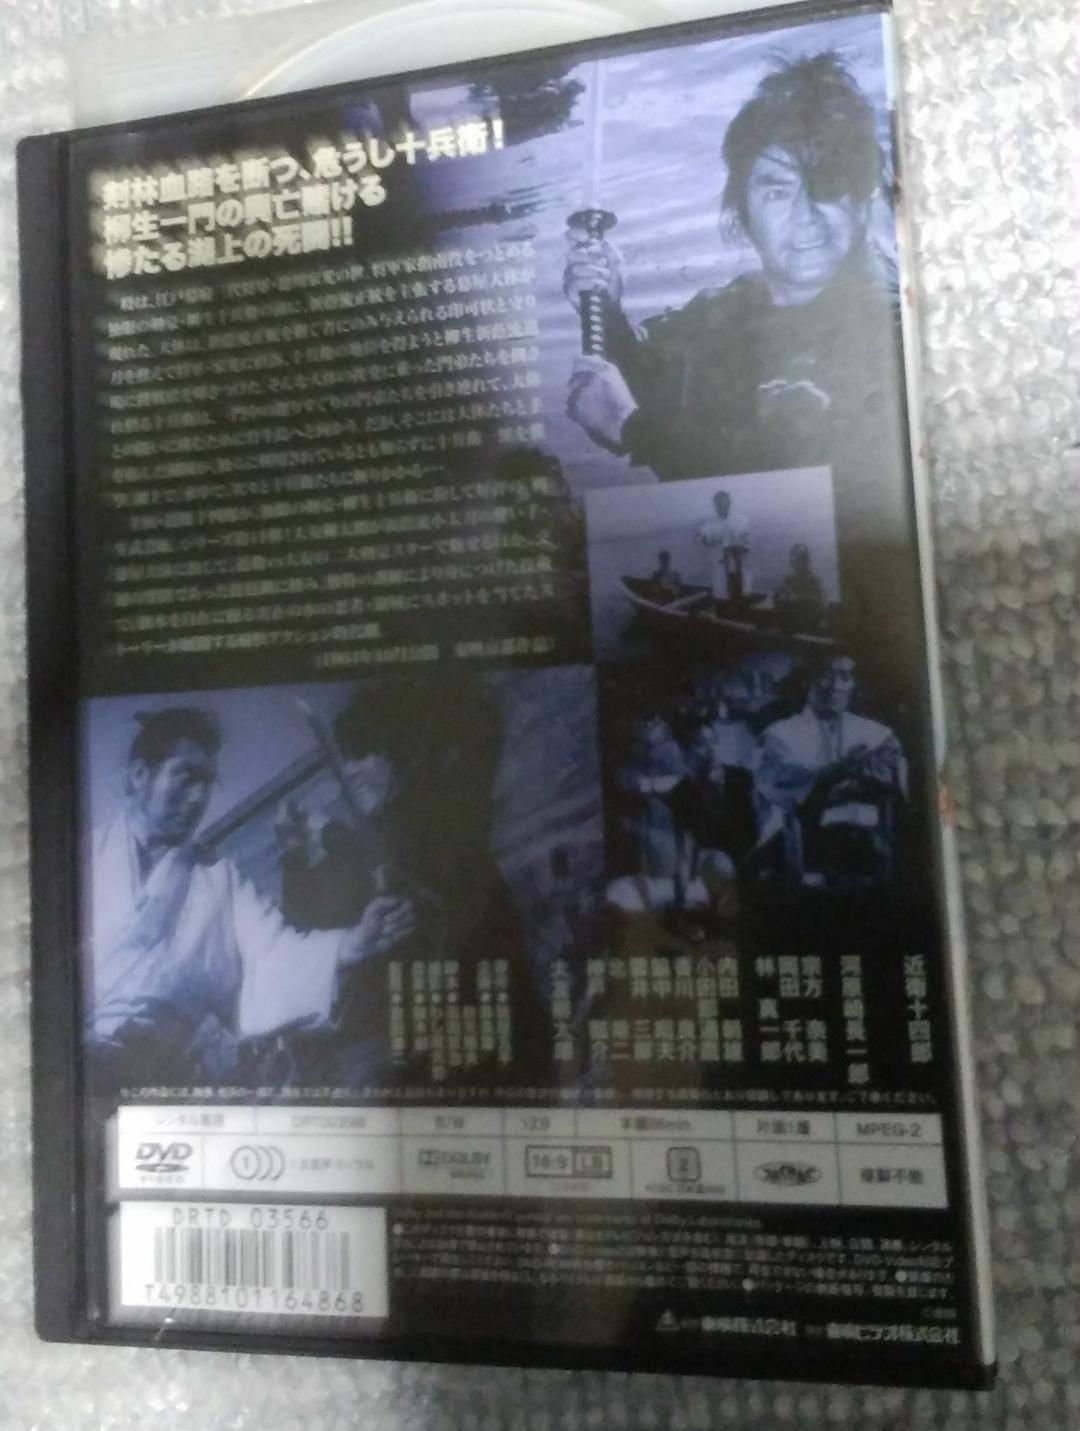 メルカリ - 十兵衛暗殺剣 レンタル dvd 【日本映画】 (¥300) 中古や未 ...